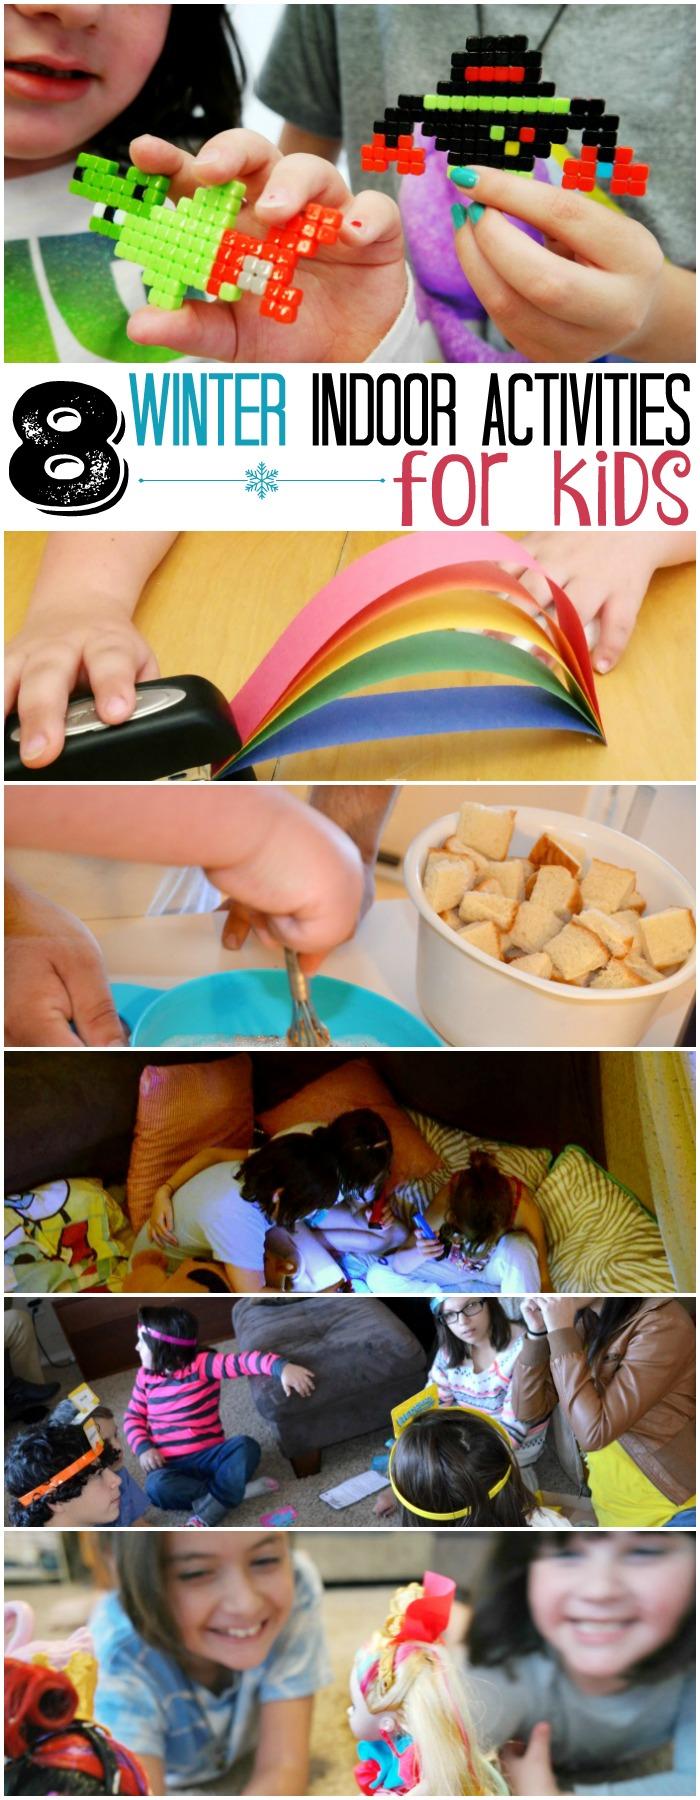 8 Winter Indoor Activities For Kids